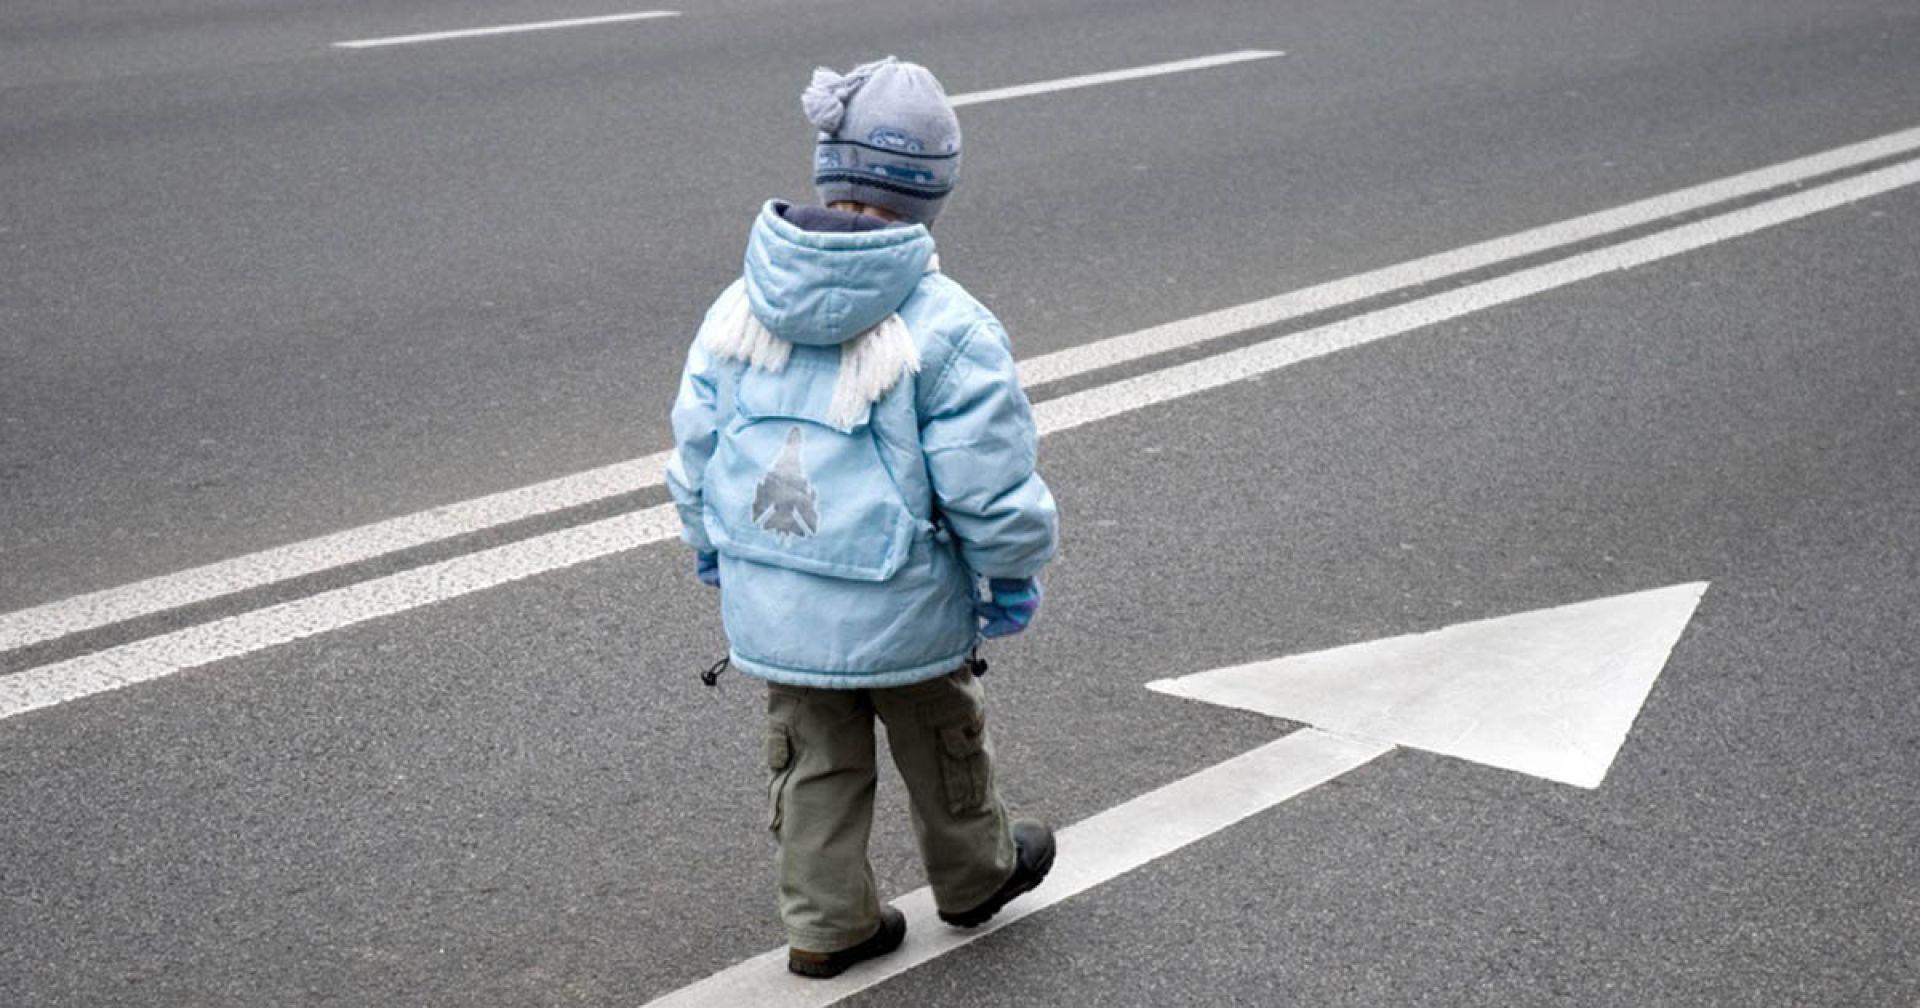 Названа область, где чаще всего происходят ДТП с участием детей 1